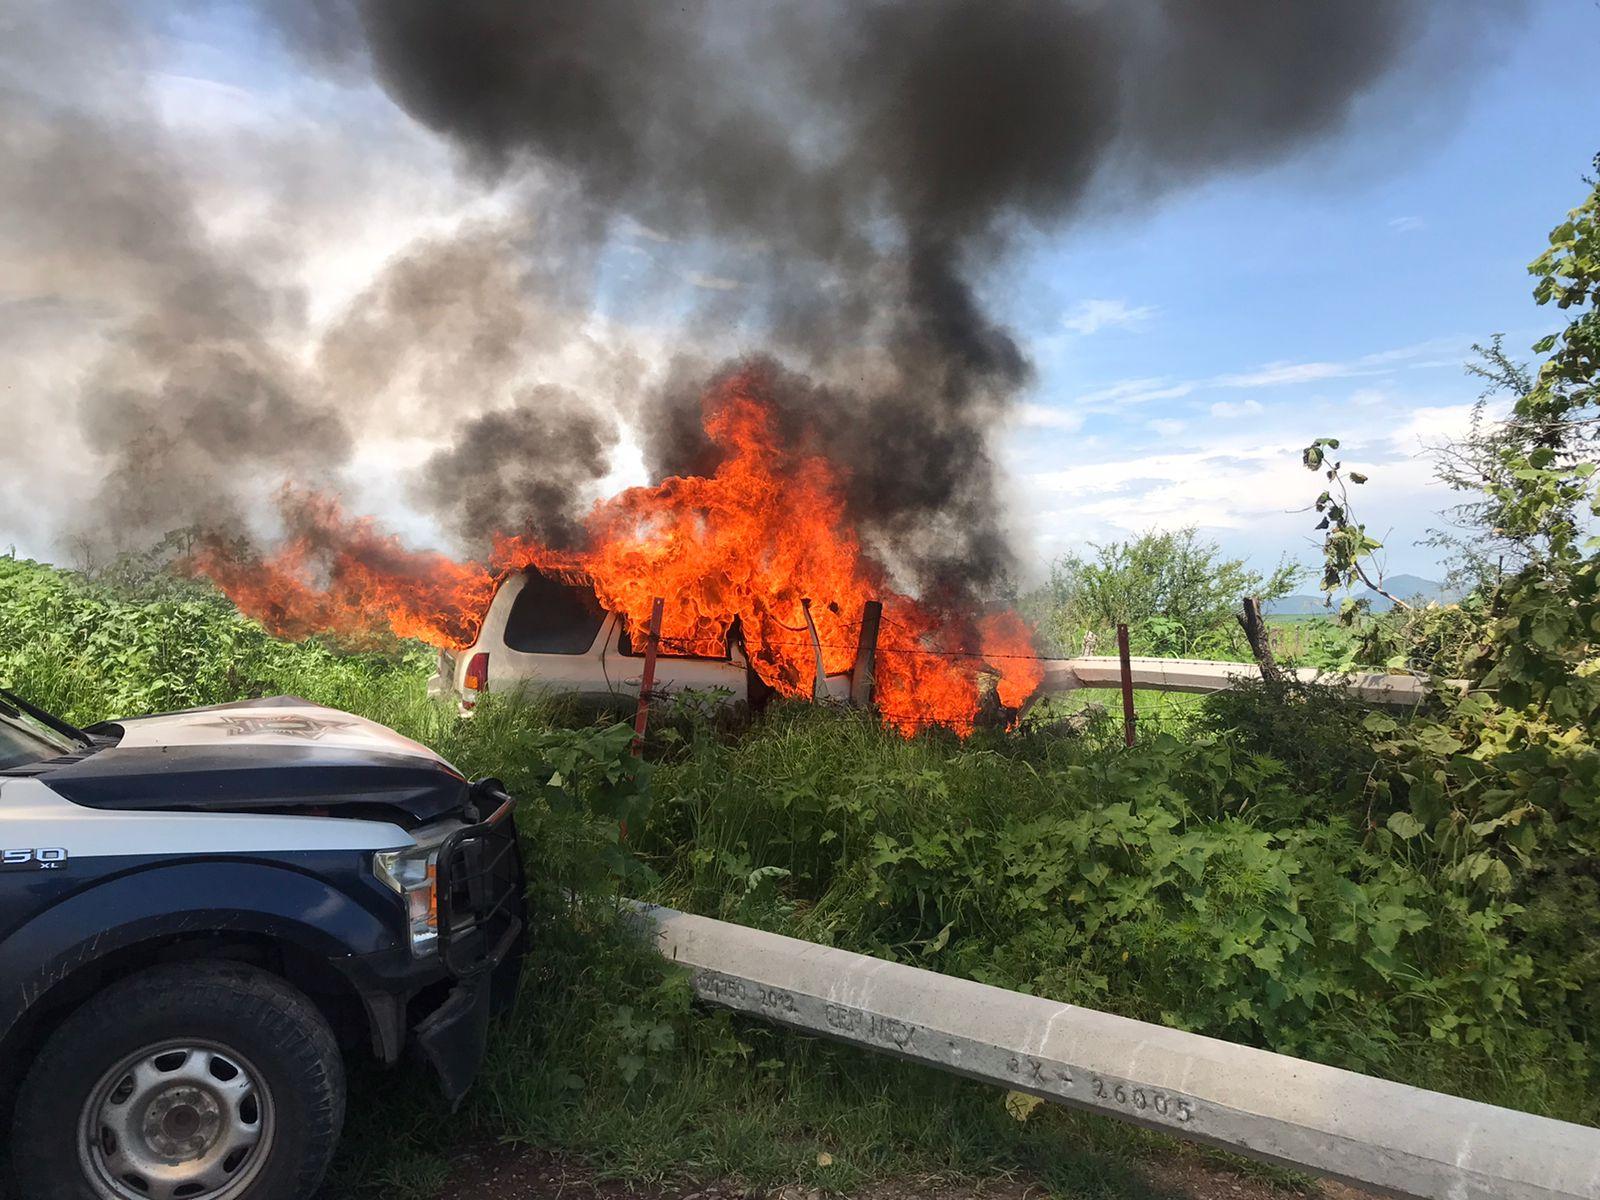 Ratero murió calcinado tras chocar contra un poste en Tlajomulco de Zúñiga; Jalisco